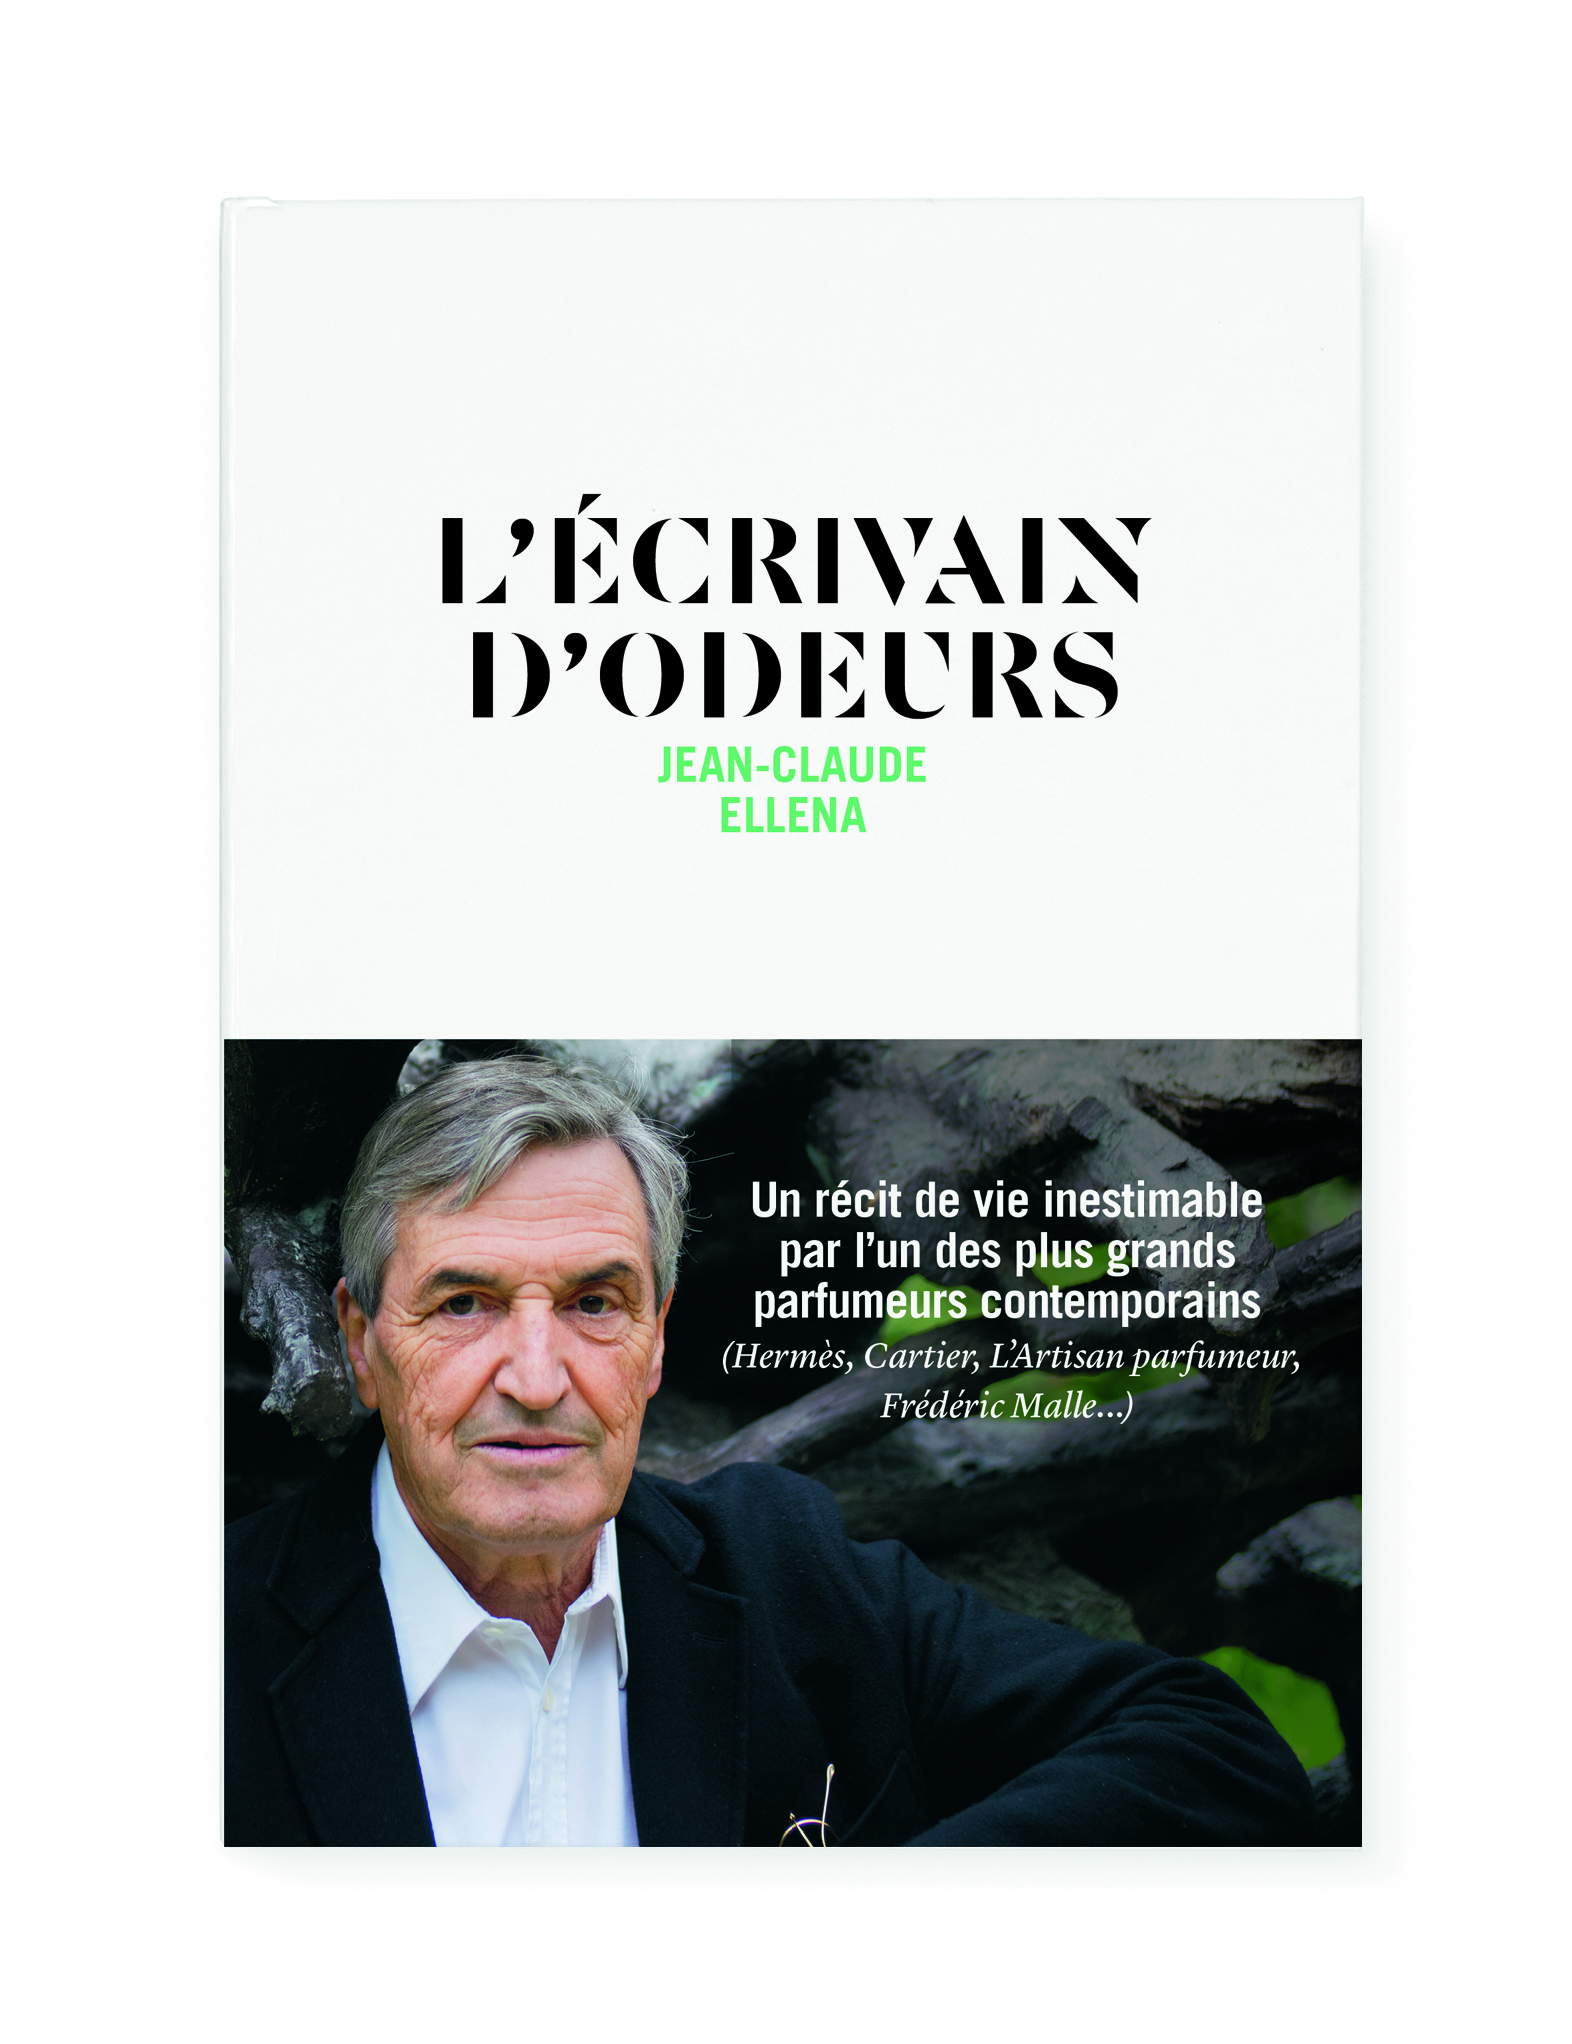 Signature de Jean-Claude Ellena – L'Écrivain d'odeurs